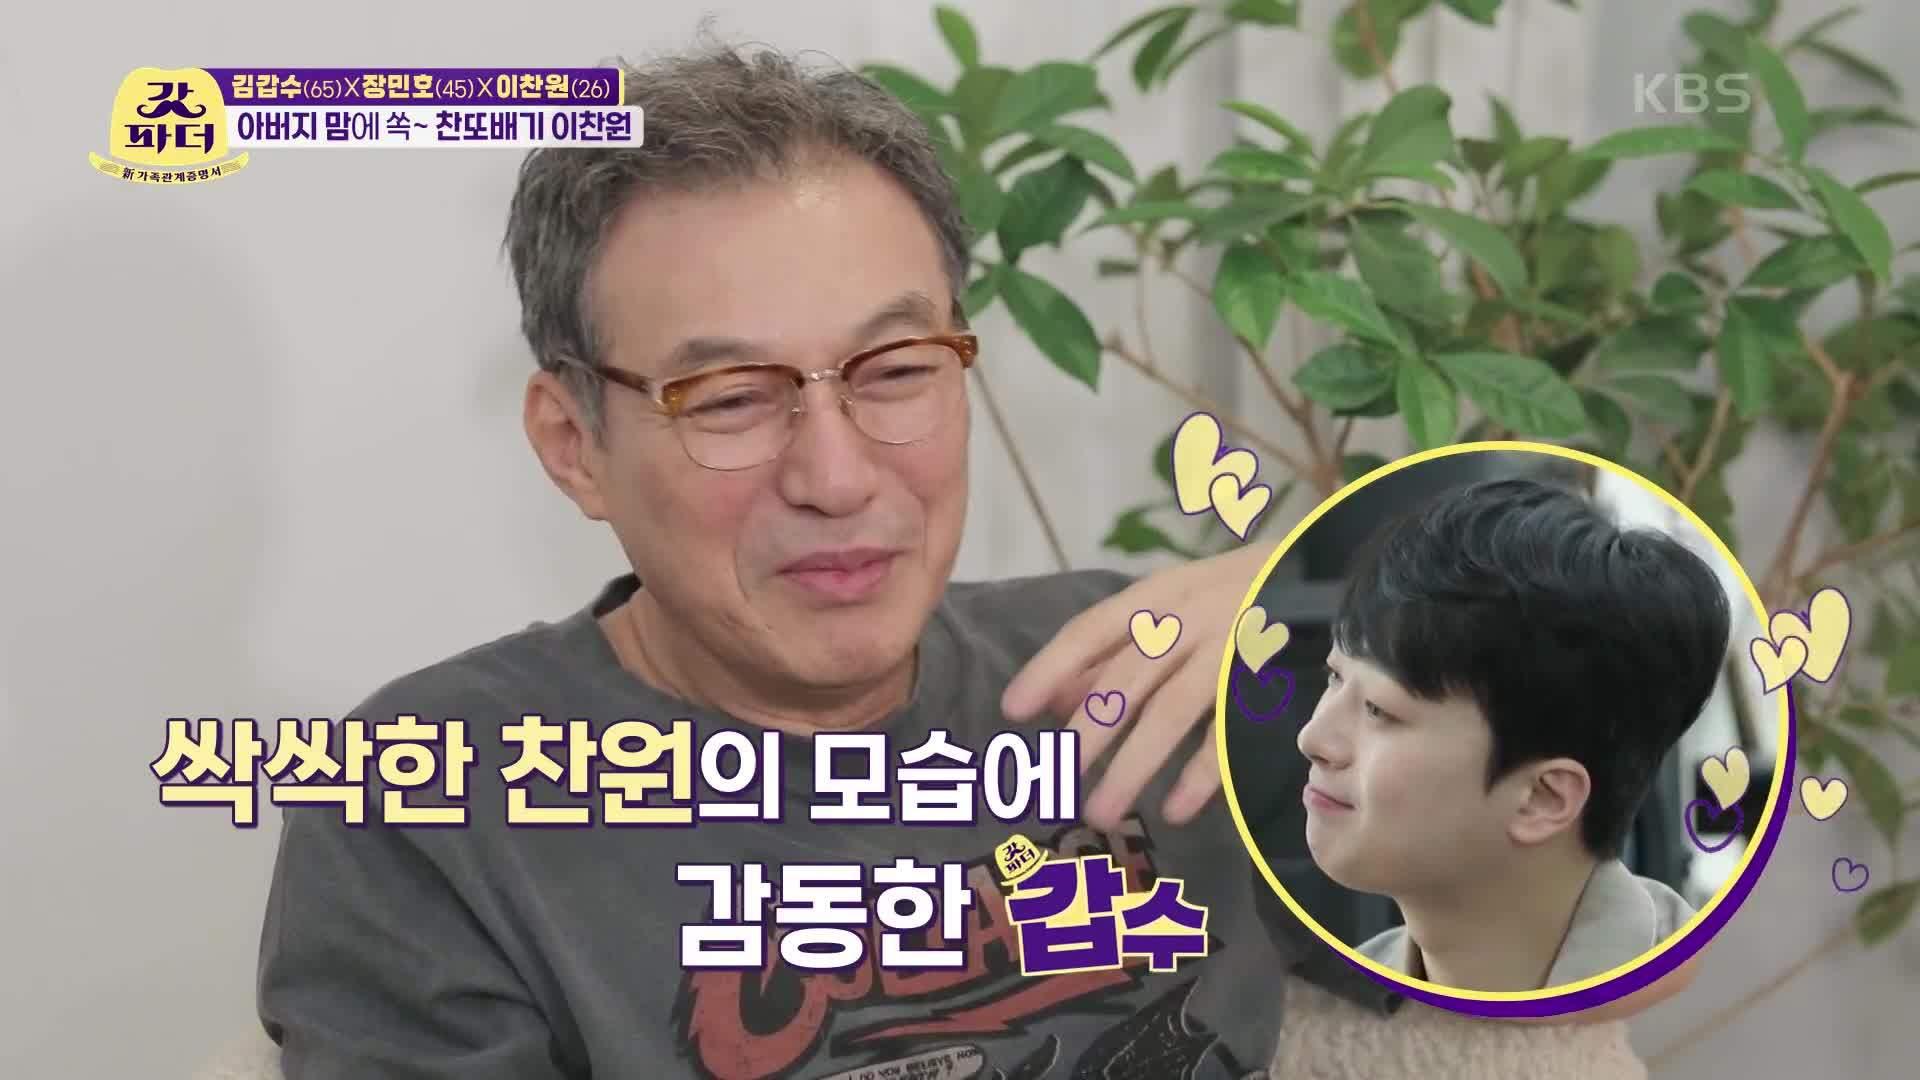 아버지 마음에 쏙~ 깜짝 방문한 손님은?! 진또배기 이찬원 | KBS 211016 방송